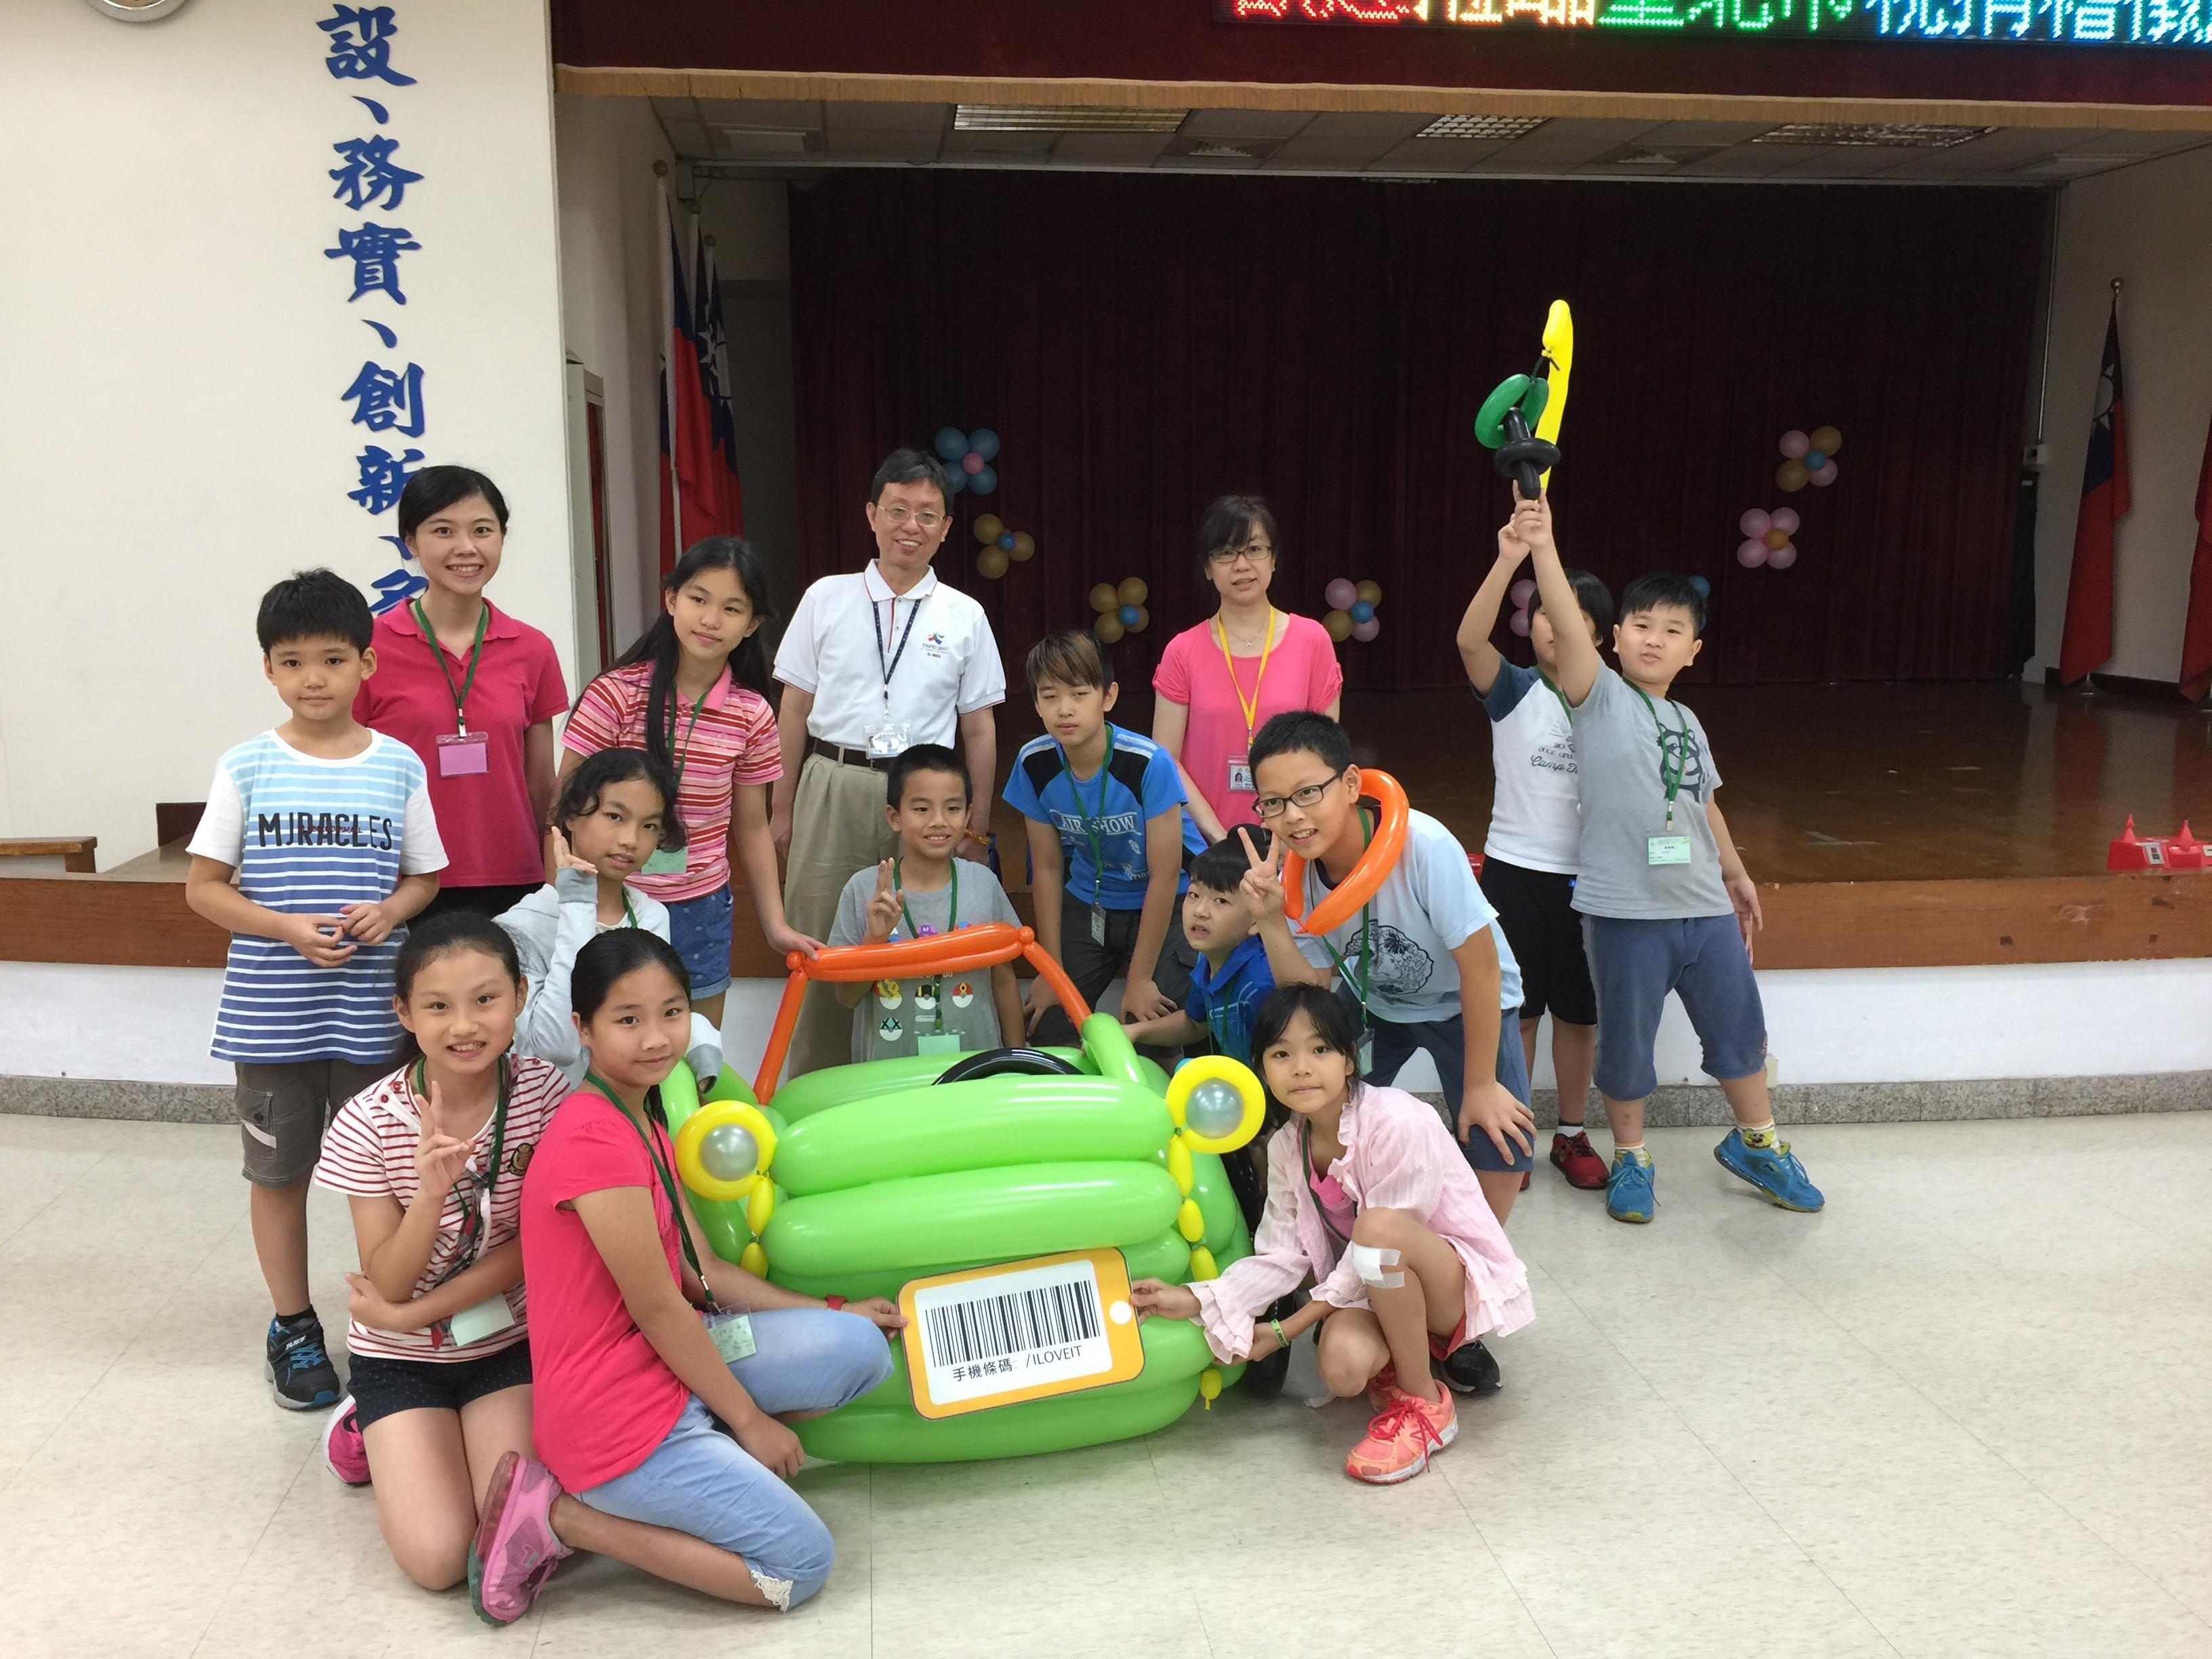 106Fun租稅Fun氣球活動照片23綠隊展示完成作品